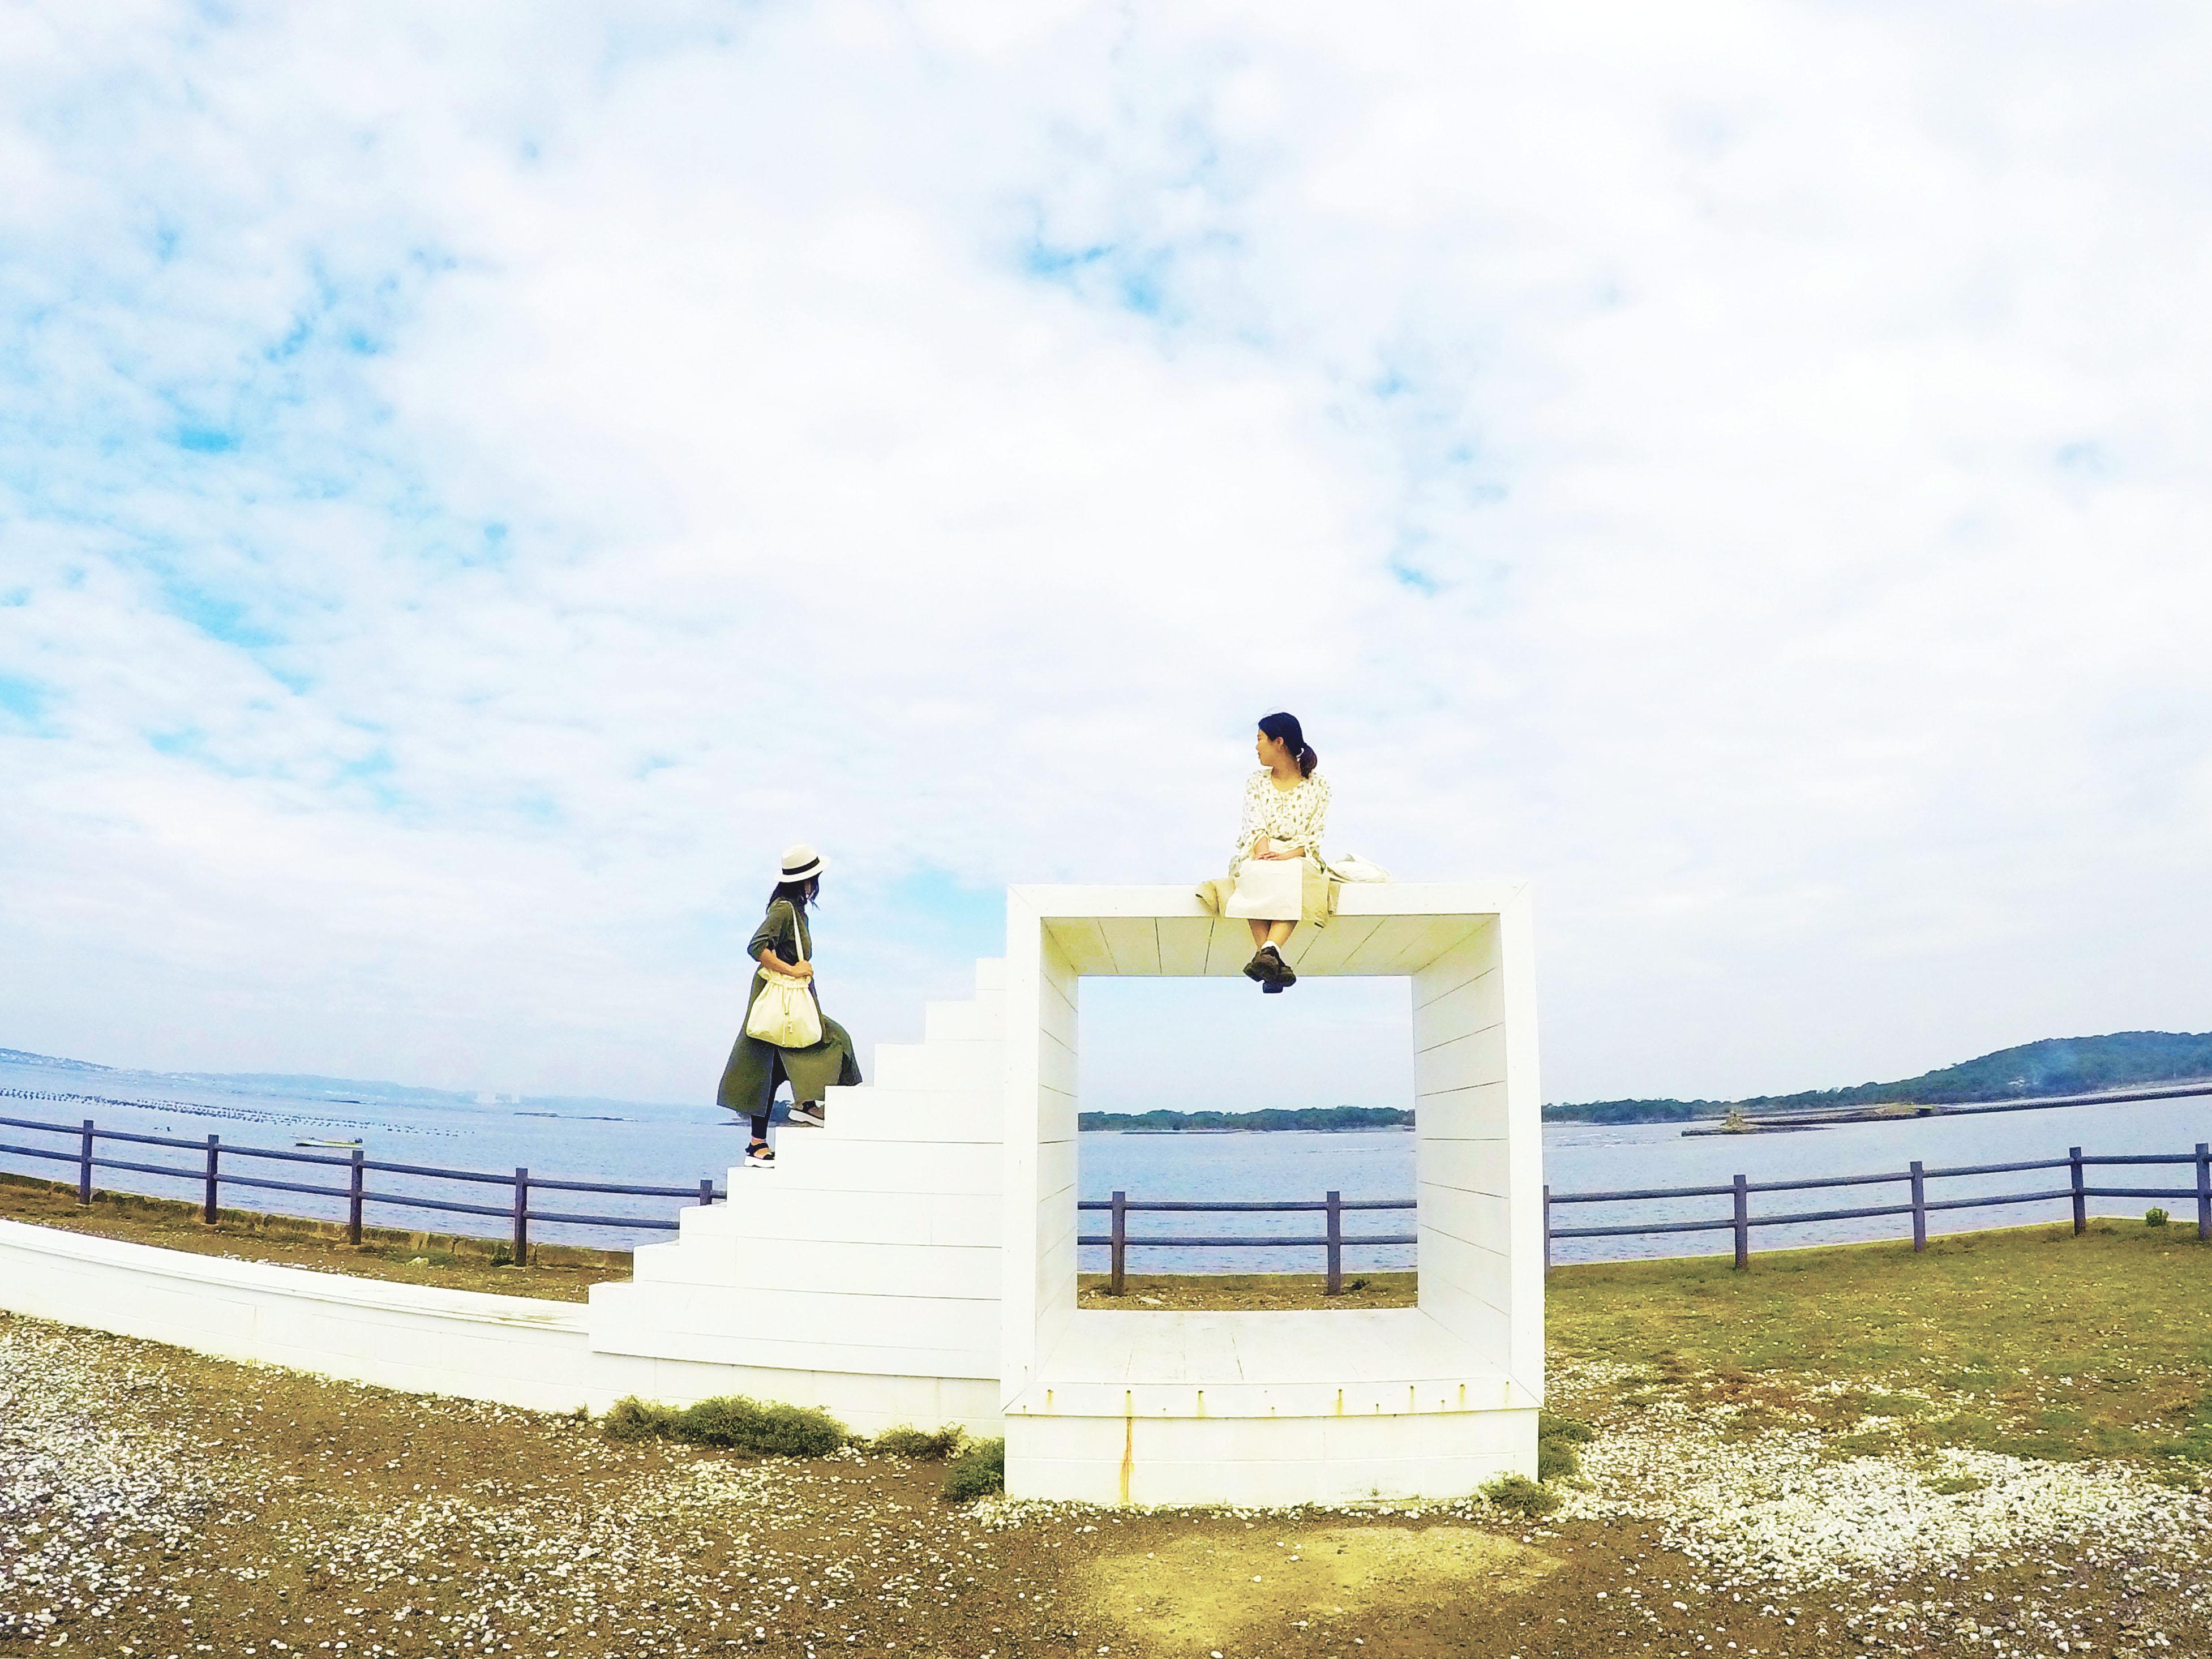 海の絶景を満喫!〜アートの島「佐久島」でインスタ映えスポットを巡る旅(前編)〜 - GPTempDownload 2 1